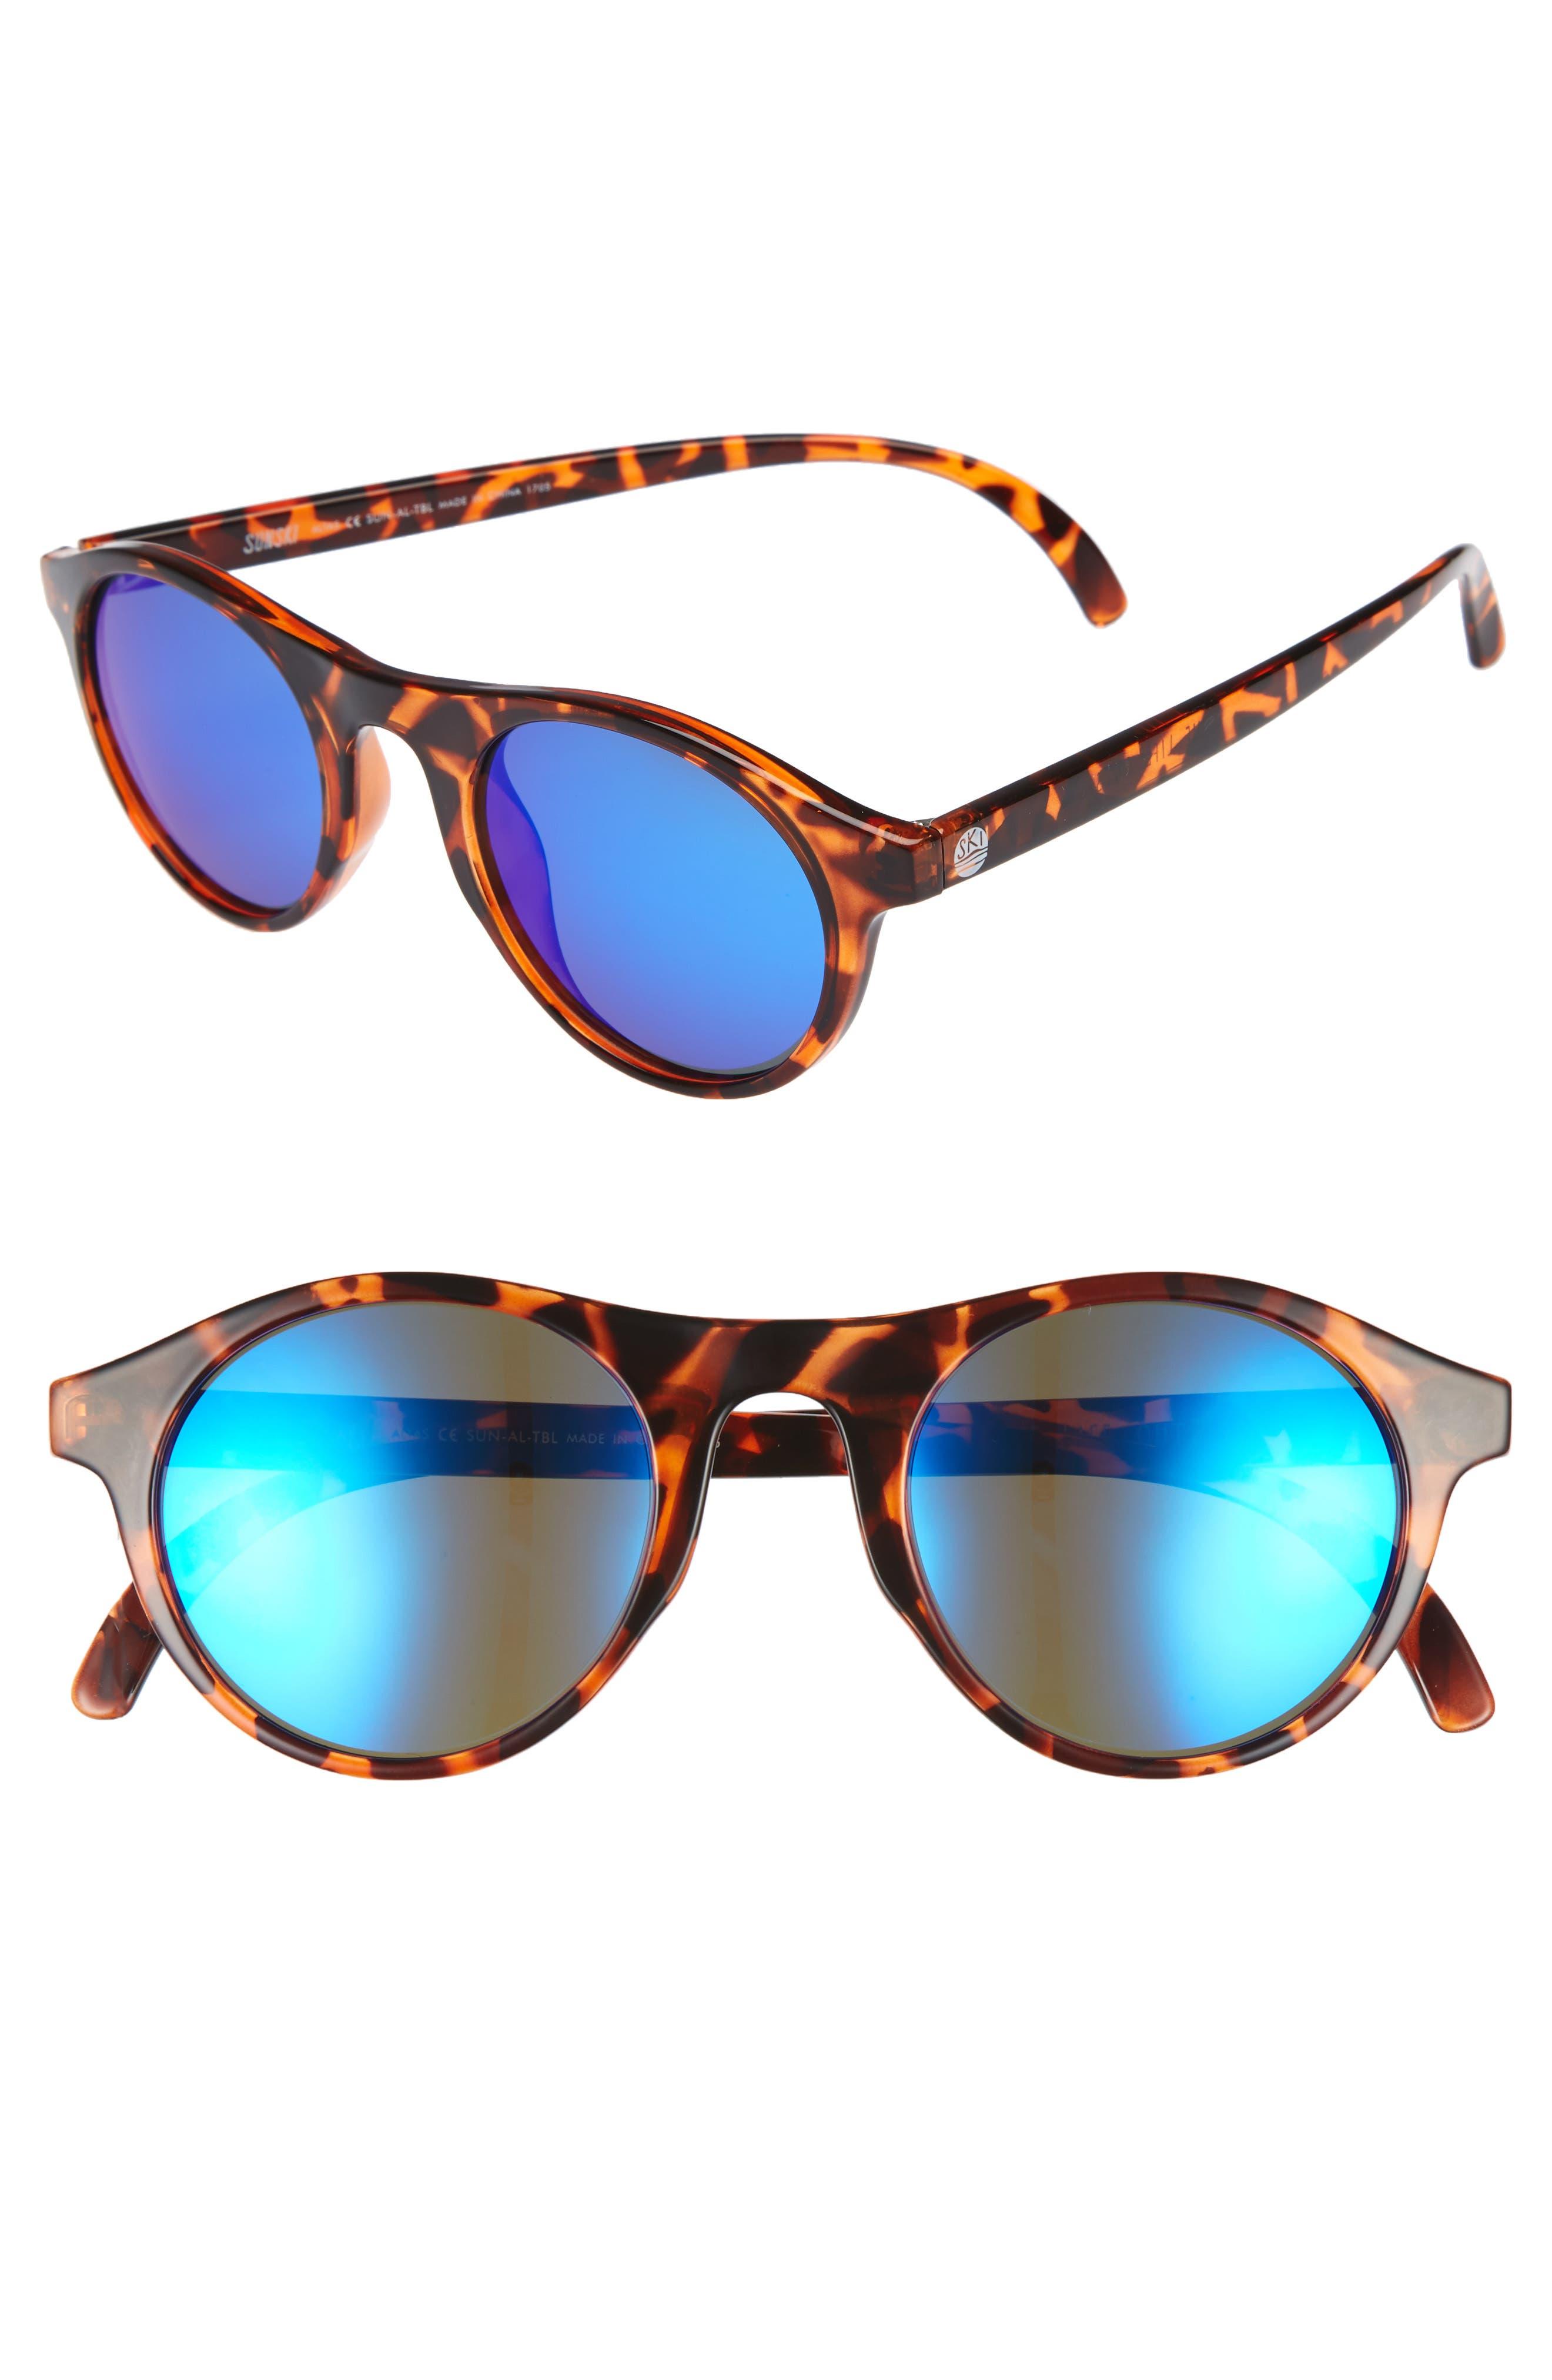 Main Image - Sunski Alta 47mm Sunglasses